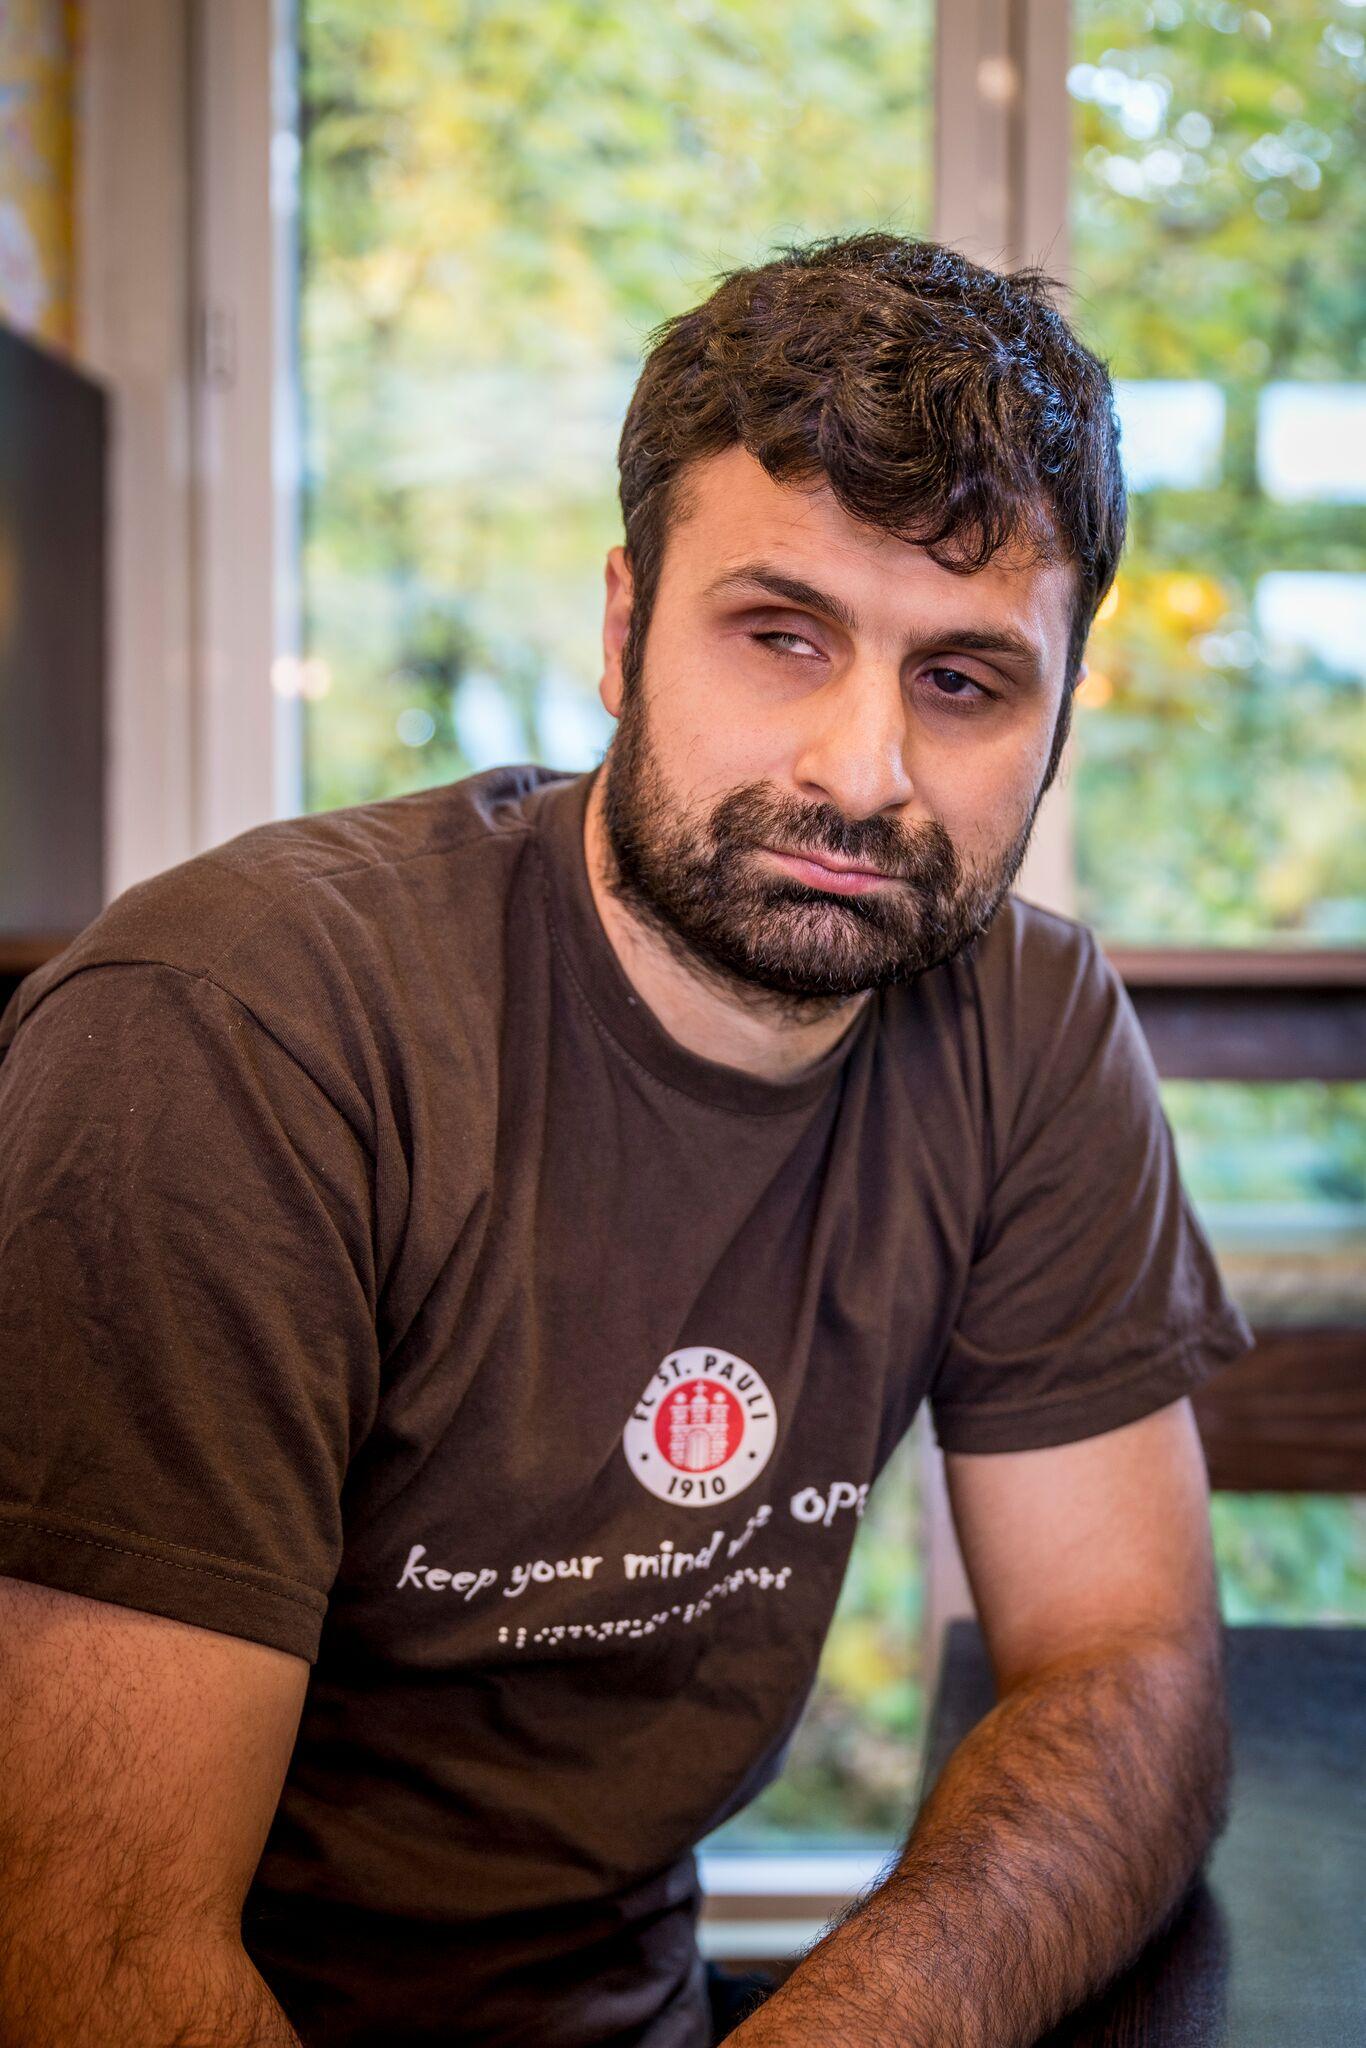 """""""Fußball Ist Für Mich Die Größte Freiheit"""" Sagt Serdal Celebi Und Grüßt Seine Ehemaligen Kollegen Vom Dialog Im Dunkeln"""